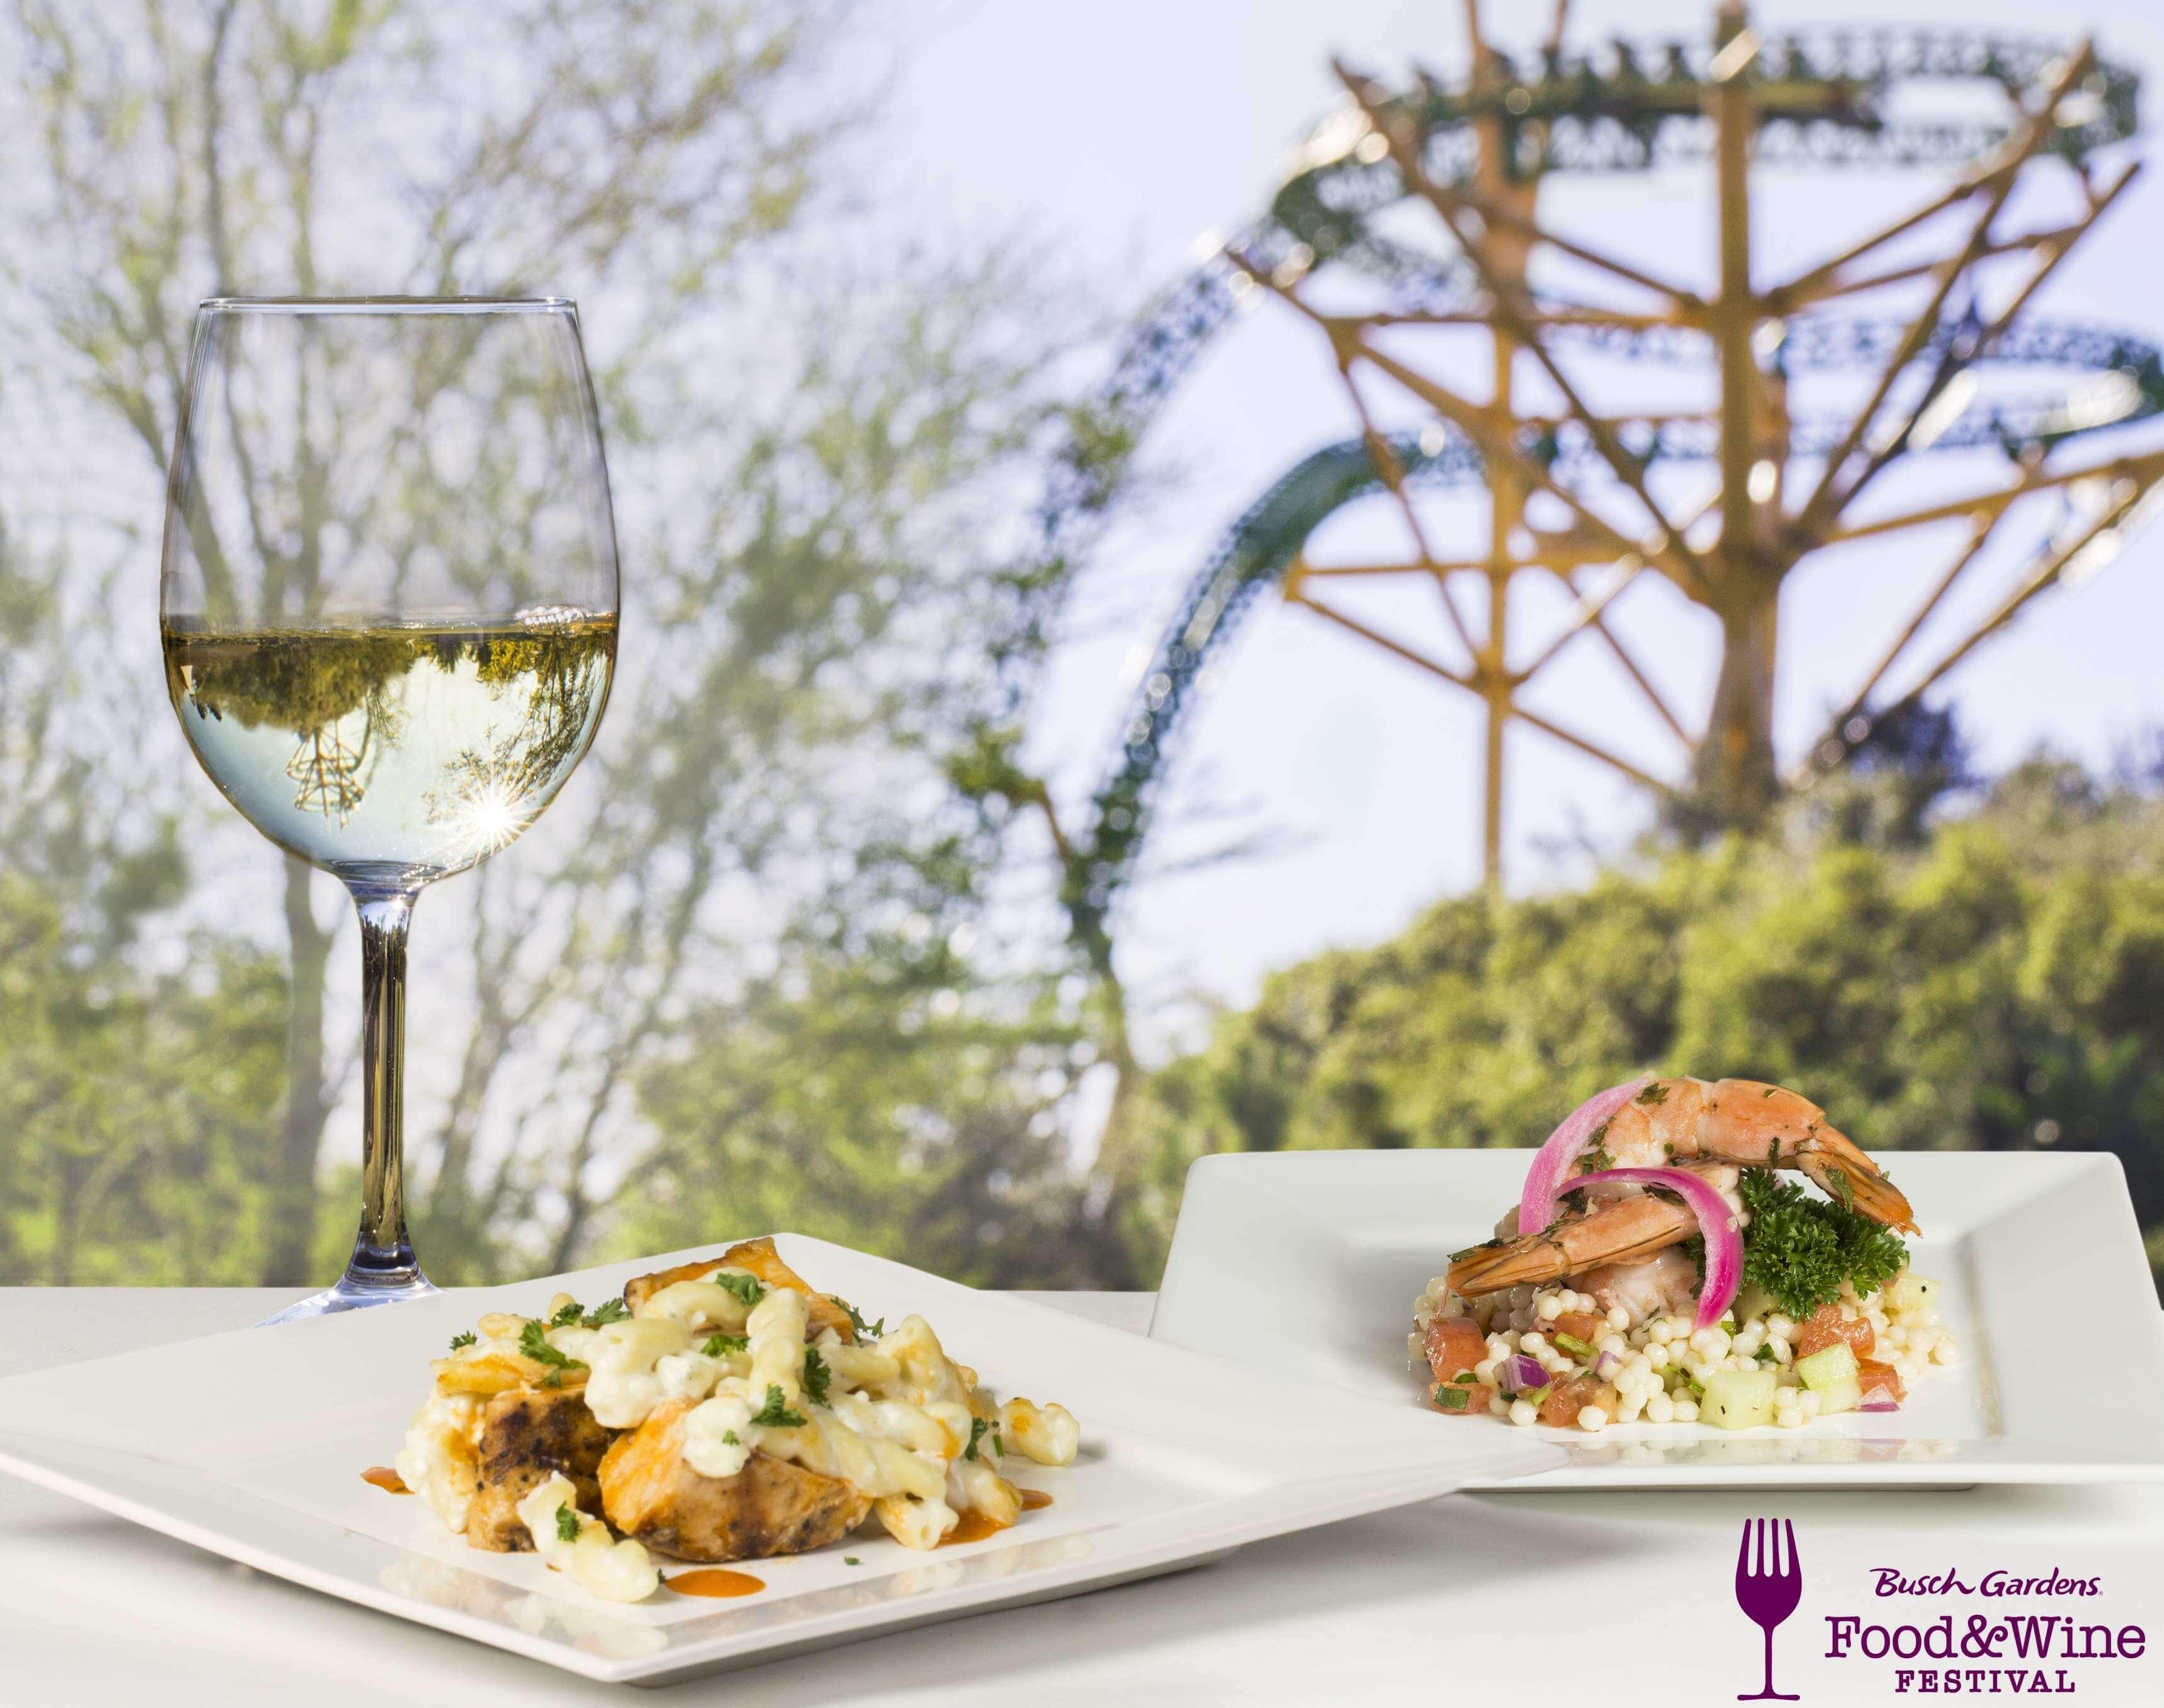 Food & Wine Festival no Busch Gardens Tampa: degustação